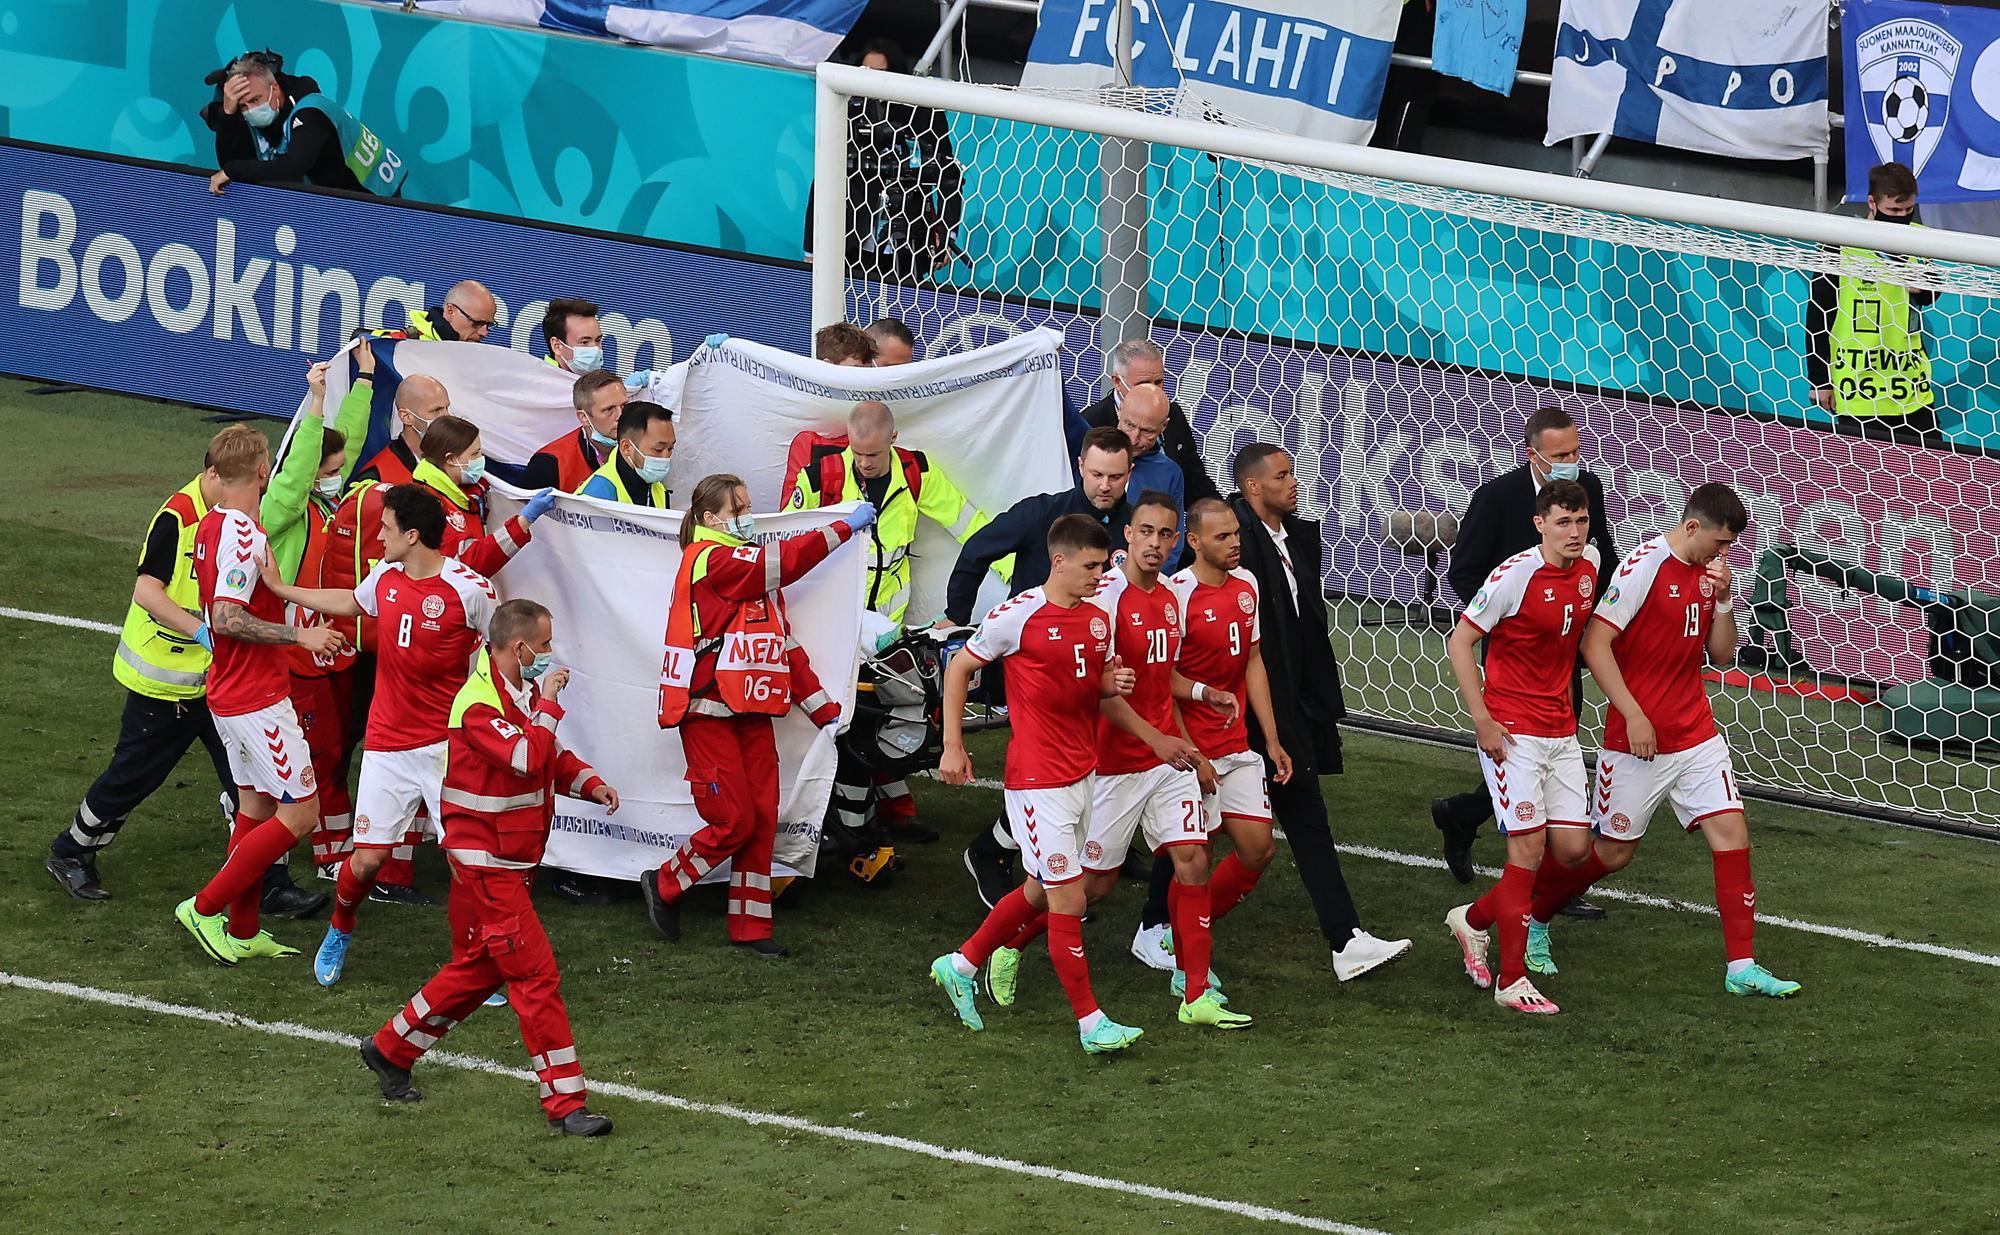 El fútbol contiene la respiración tras el desvanecimiento de Christian Eriksen